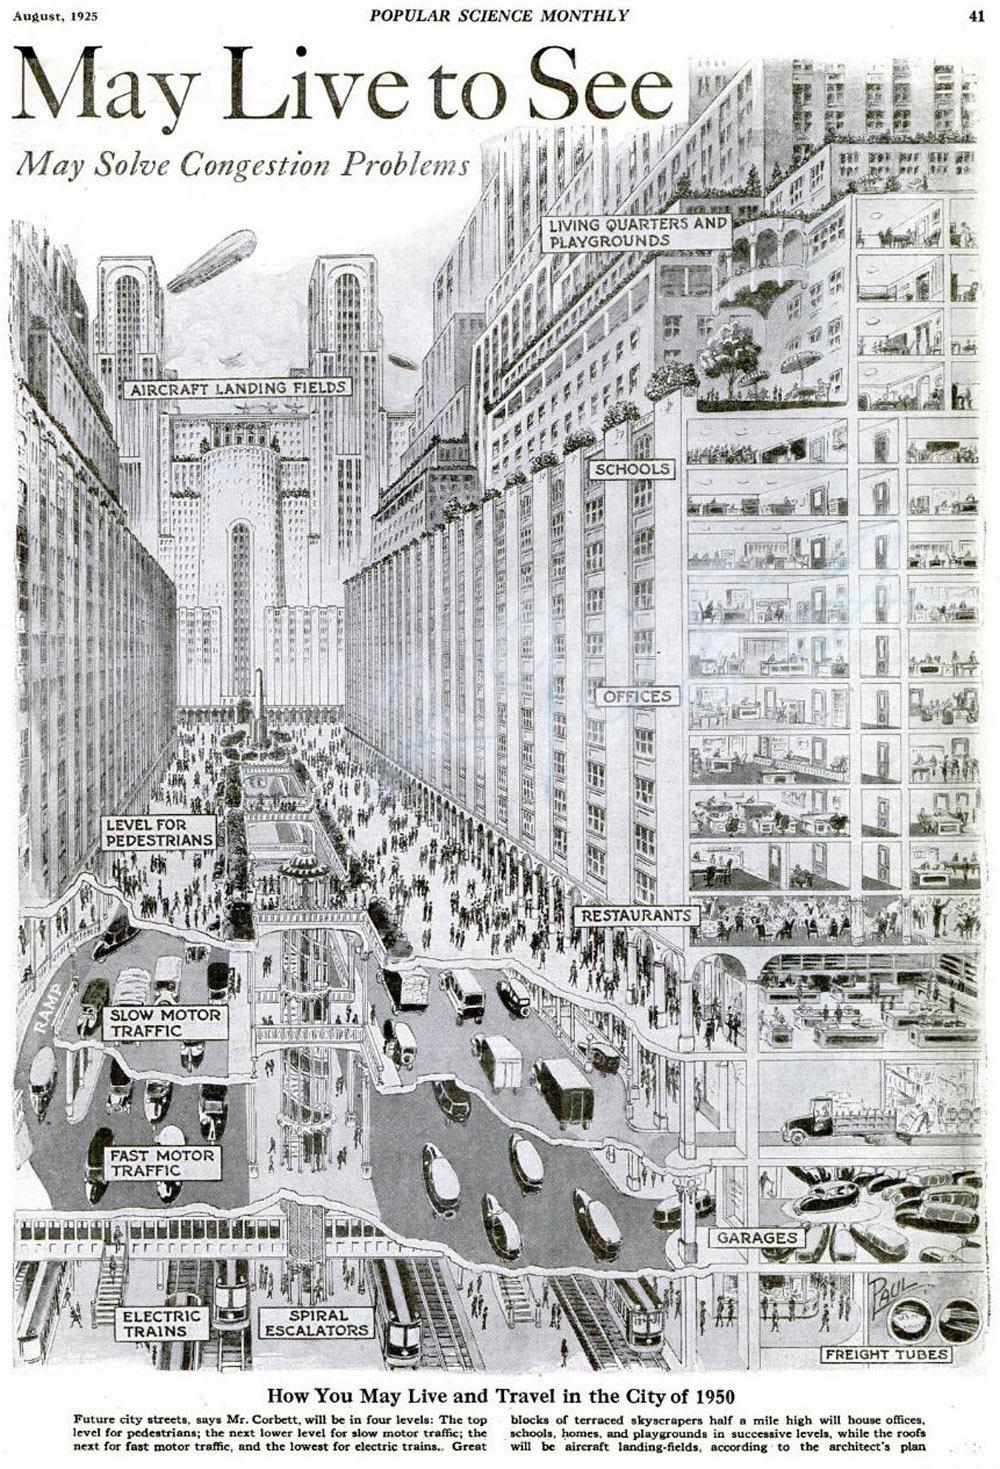 Жизнь в городах нас сводит с ума